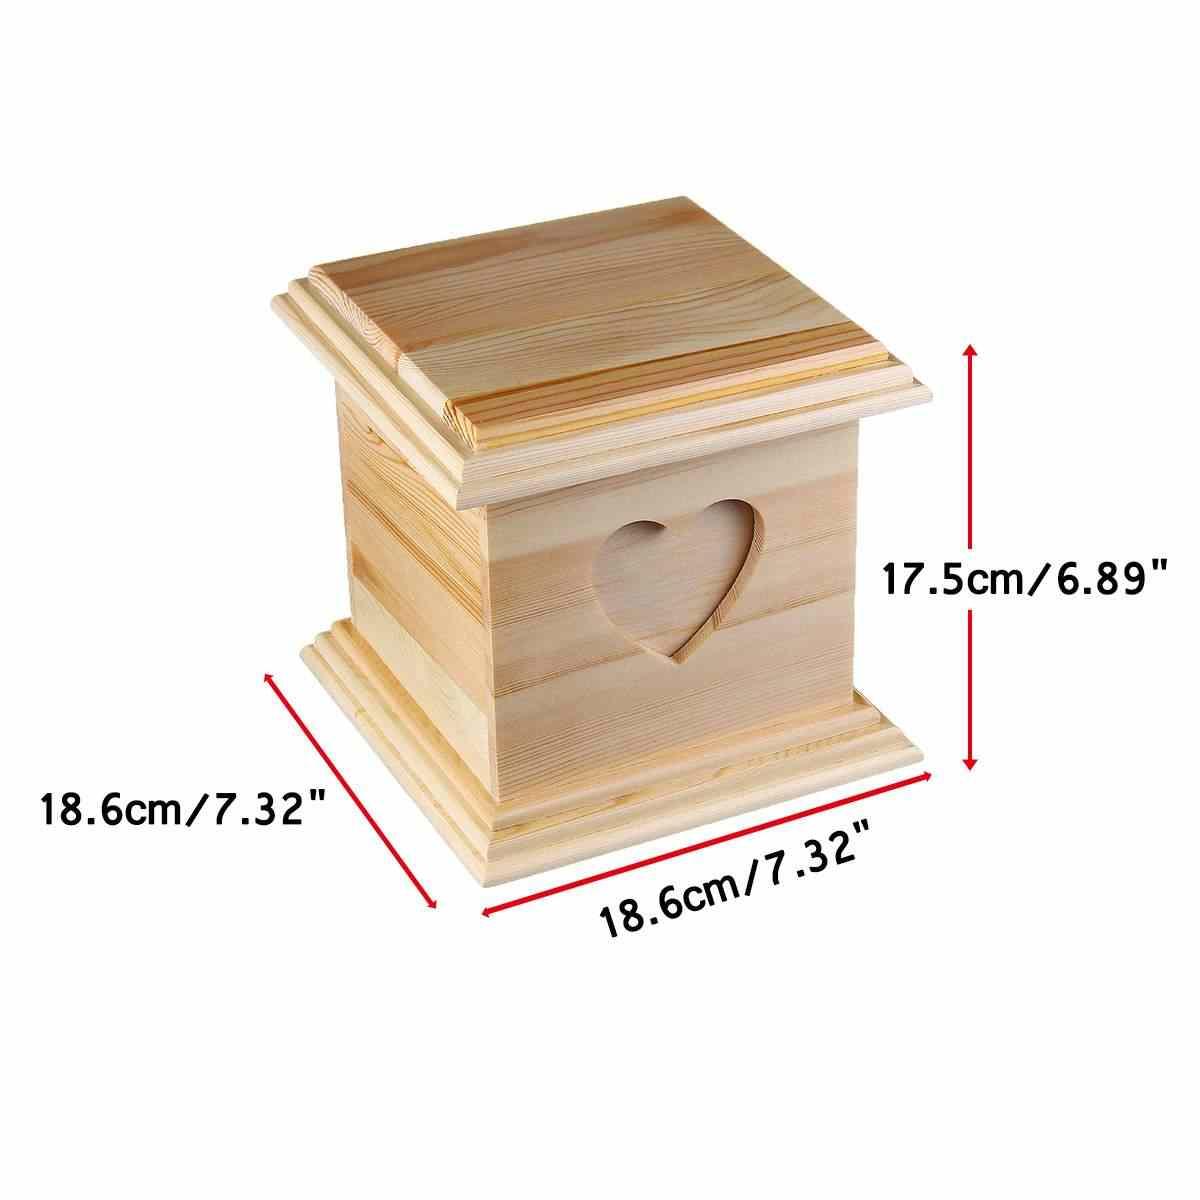 18.6x18.6x17.5cm עץ מיני לב שריפת גופות כד לחיות מחמד חתול כלב ציפור ארנב urnen Cinerary הלוויה ארון חיות מחמד אזכרות שימושי